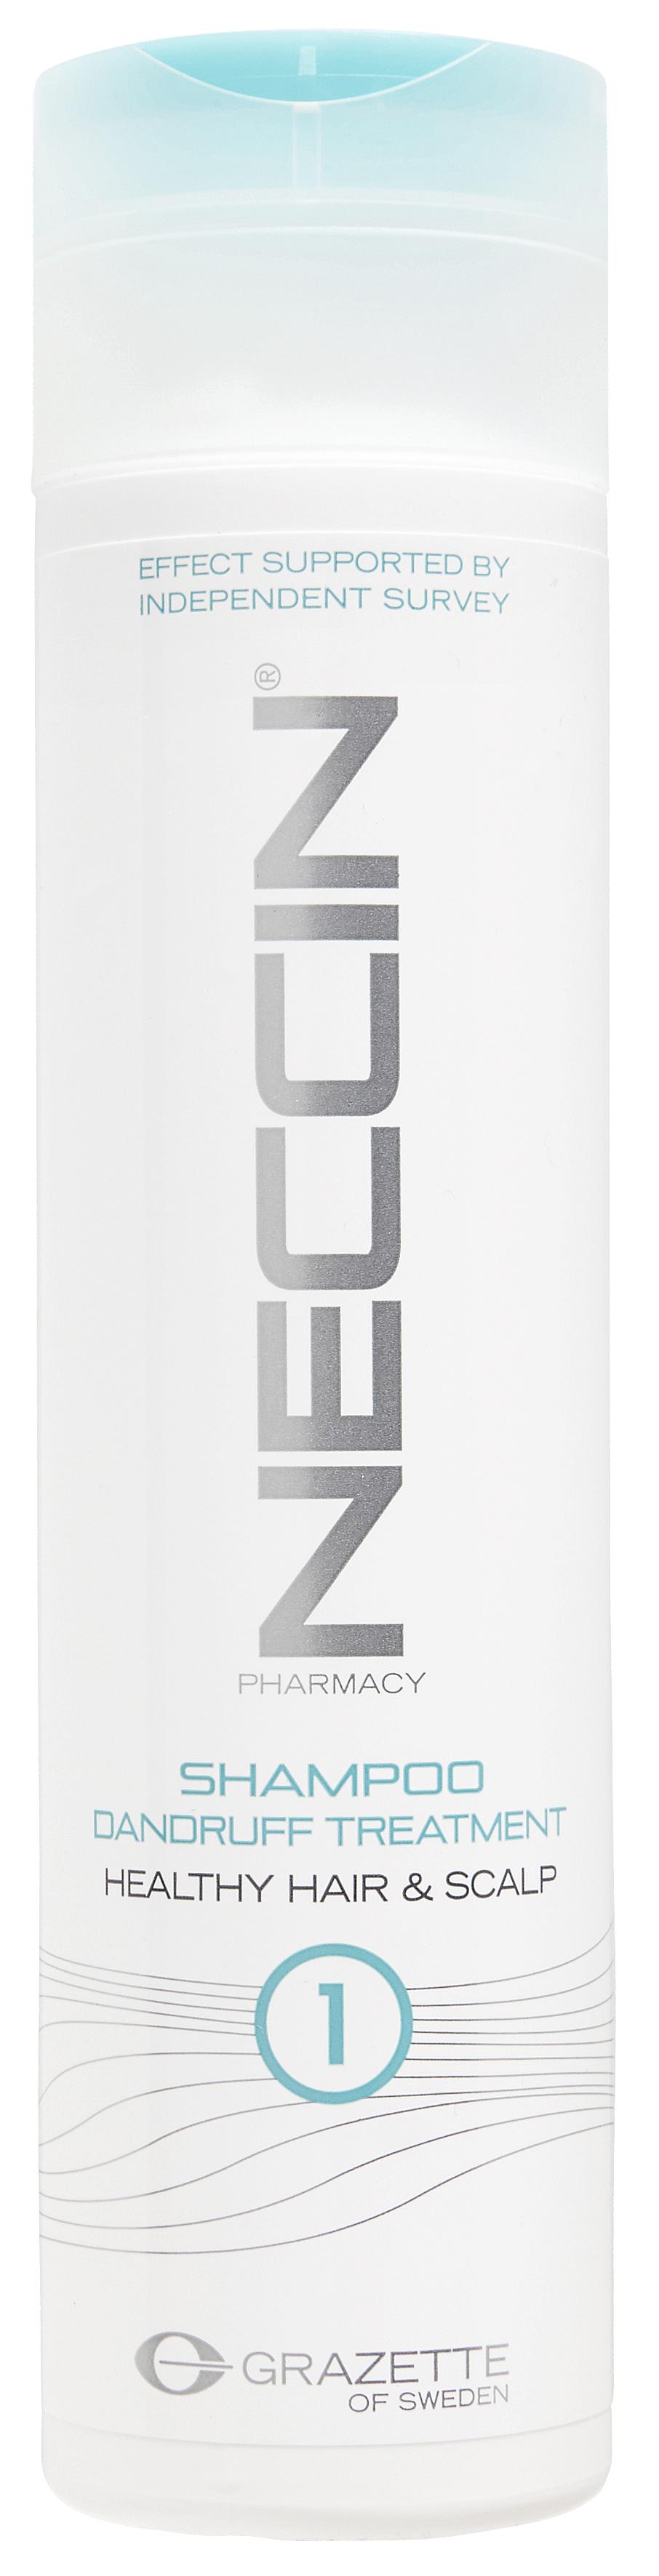 neccin shampoo återförsäljare